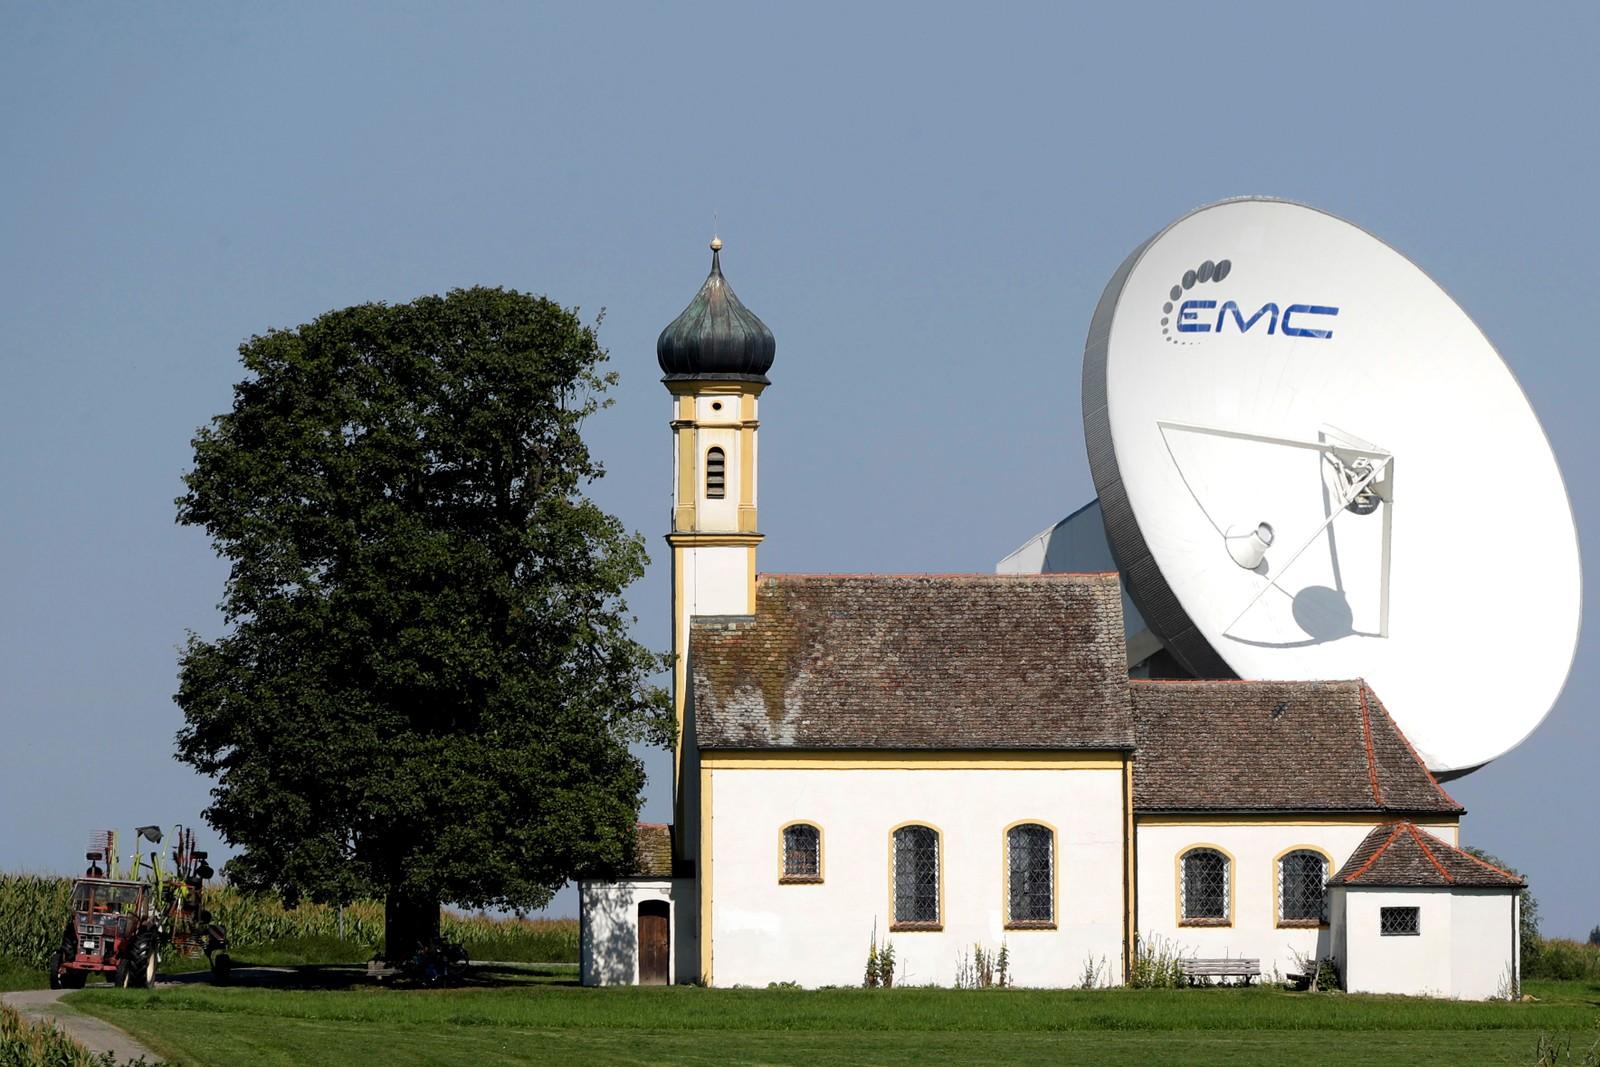 To landemerker i Raisting i Tyskland. Radioteleskopet er fra 1964. Kirken, St. Johannes der Täufer, var trolig ferdigbygget i 1428. Bildet er tatt 8. august.